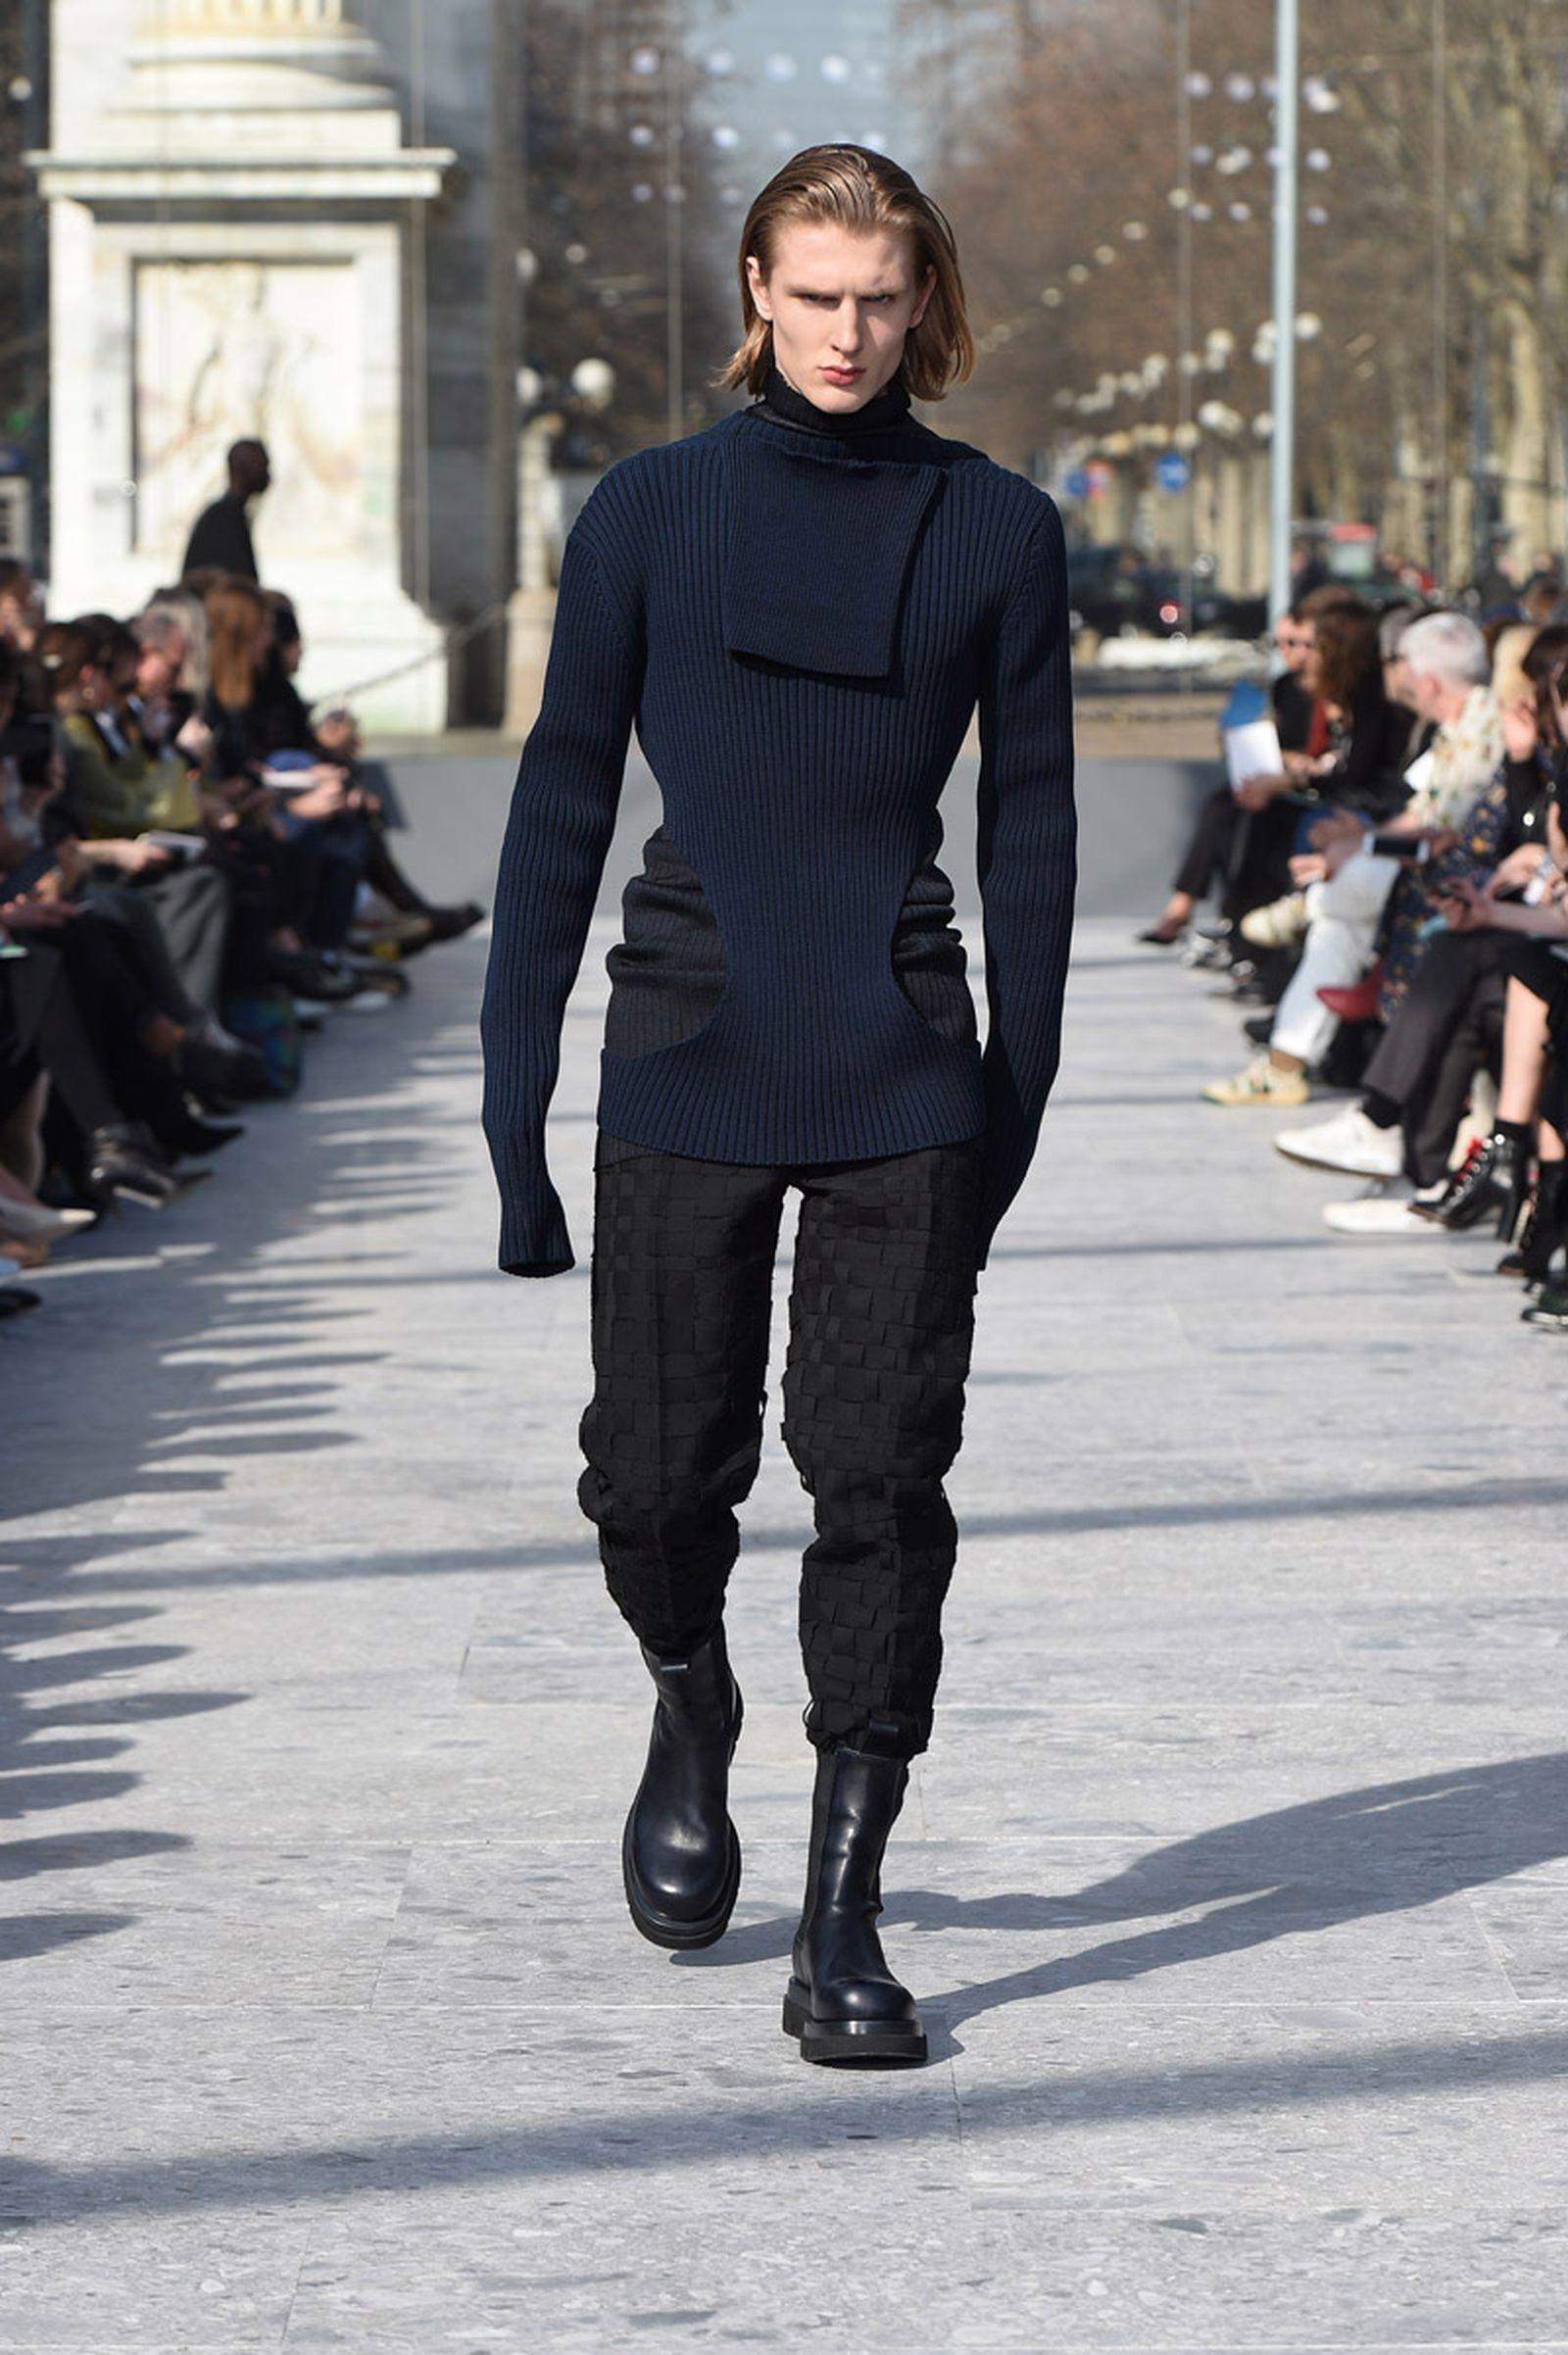 bottega-veneta-is-bringing-timeless-luxury-back-to-fashion-06